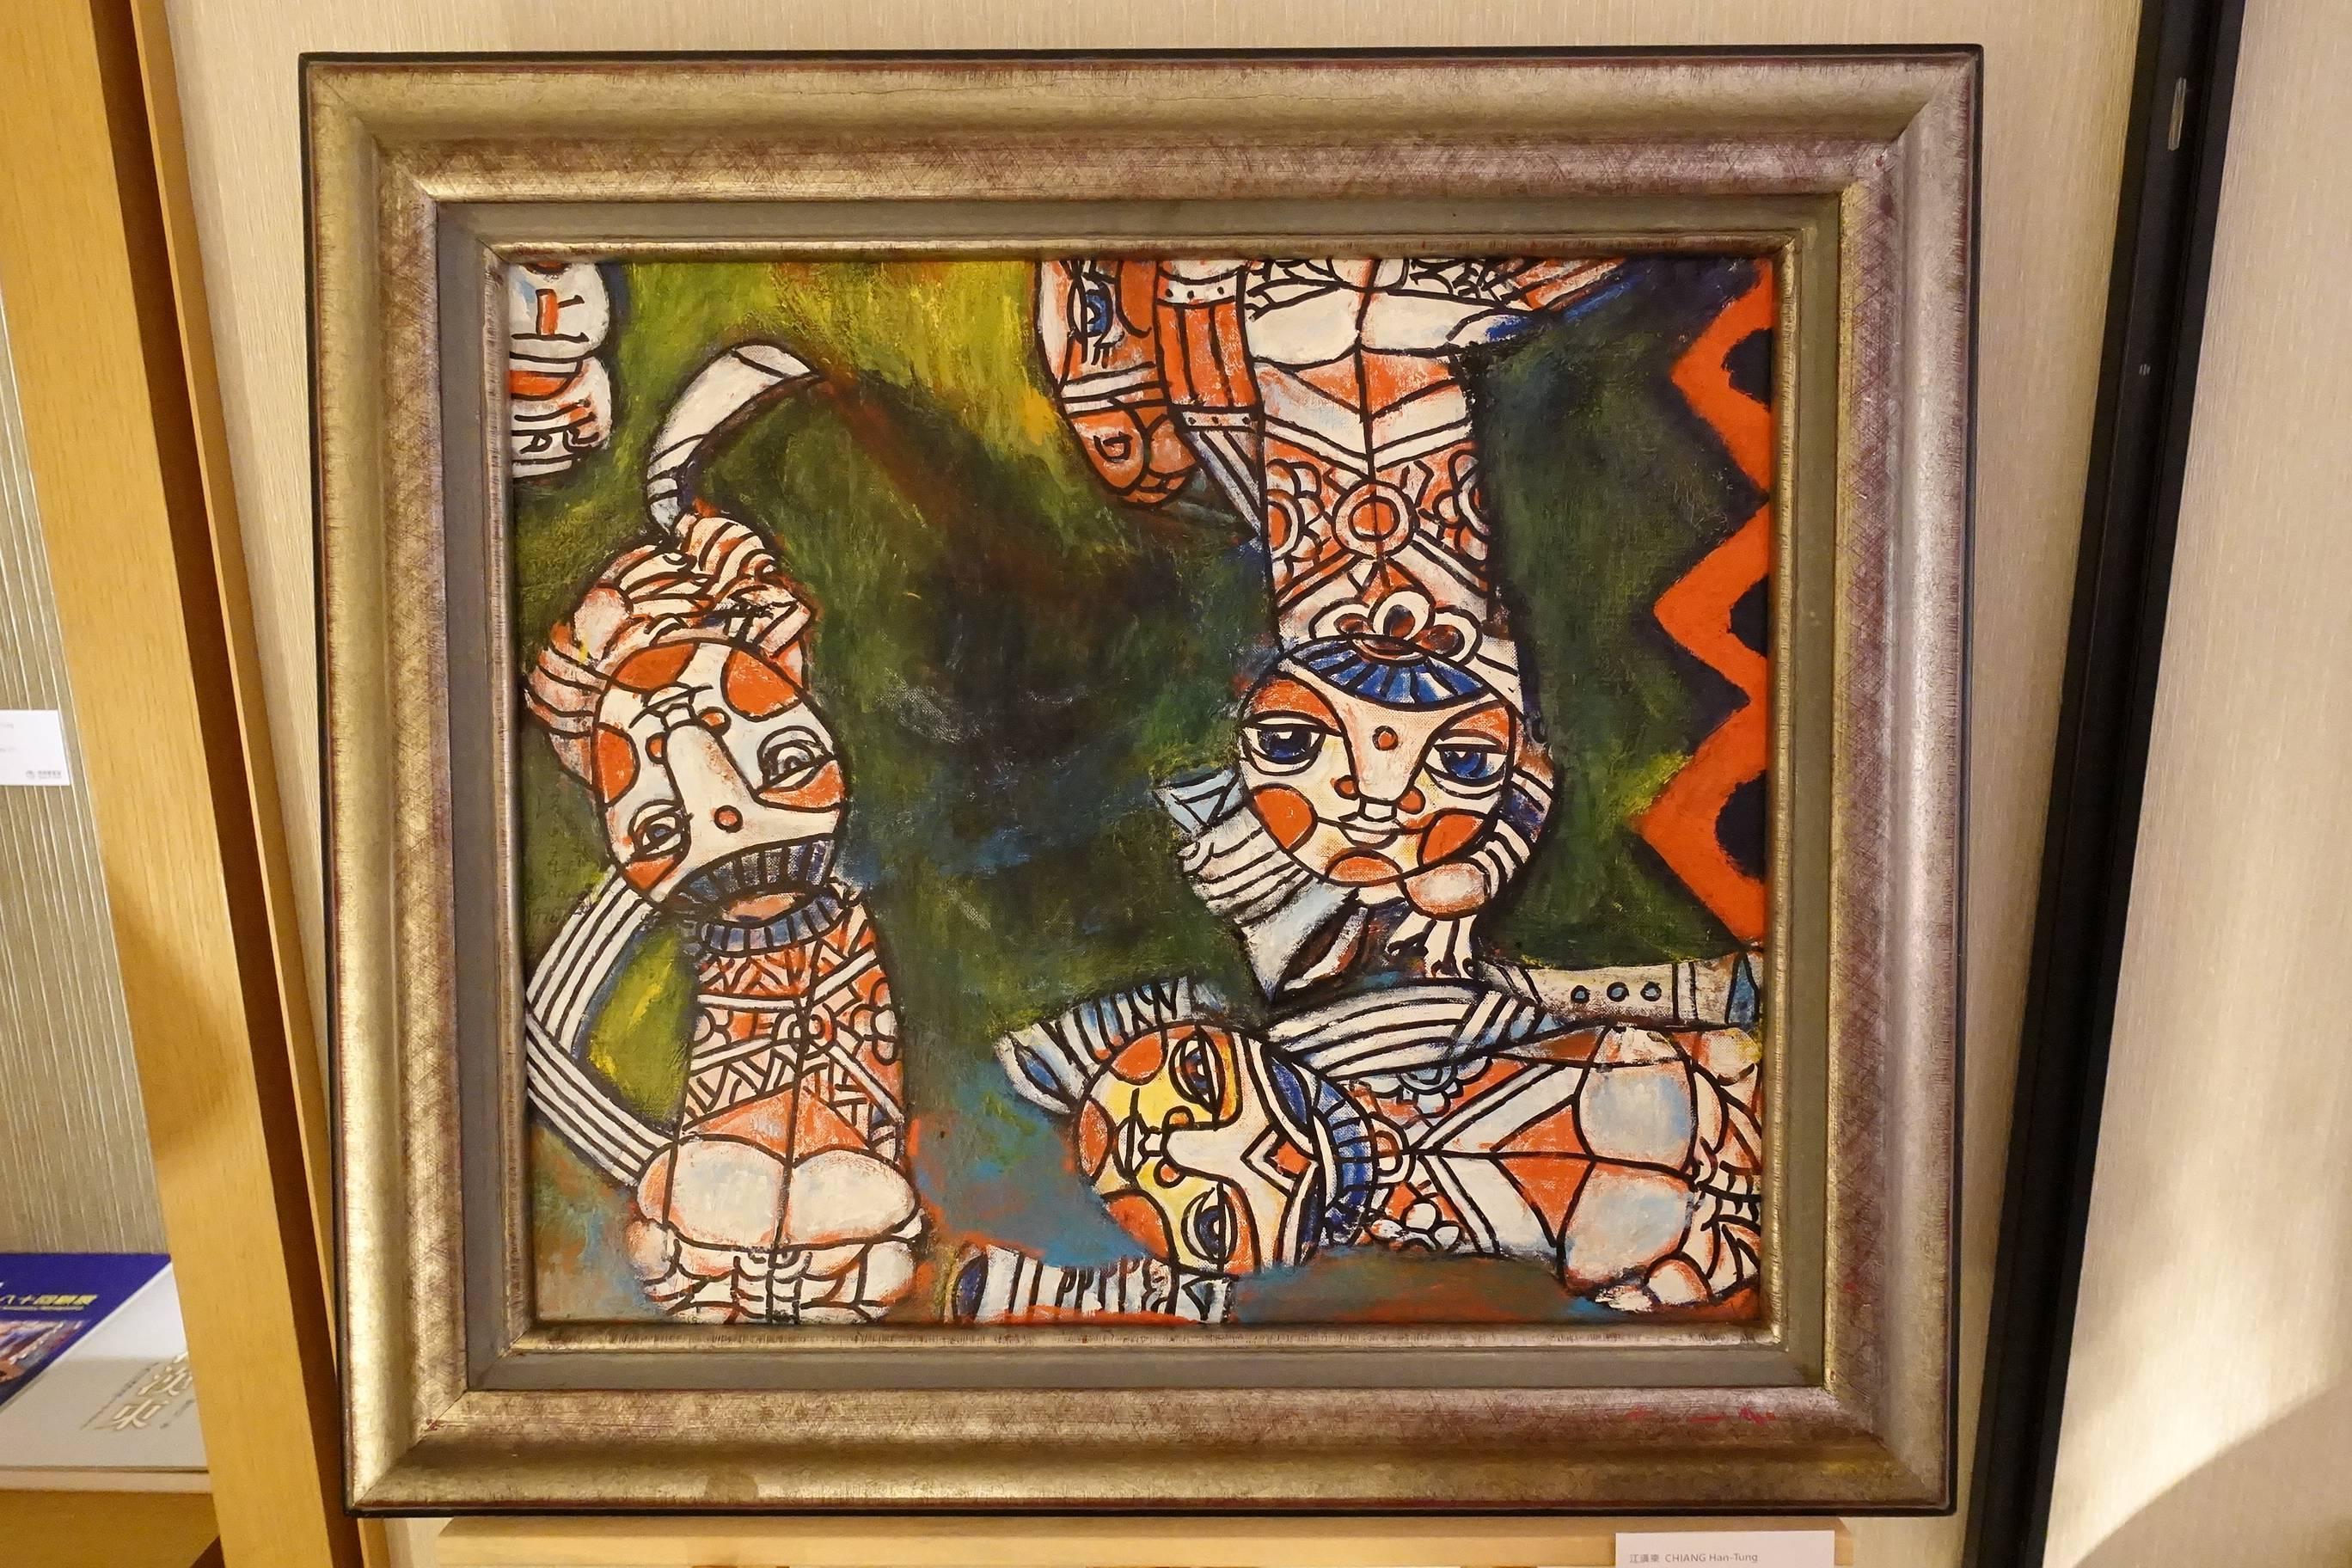 阿波羅畫廊藝術家 - 江漢東,《鳴春》,45.5 x 53 cm,油彩、畫布,1996。